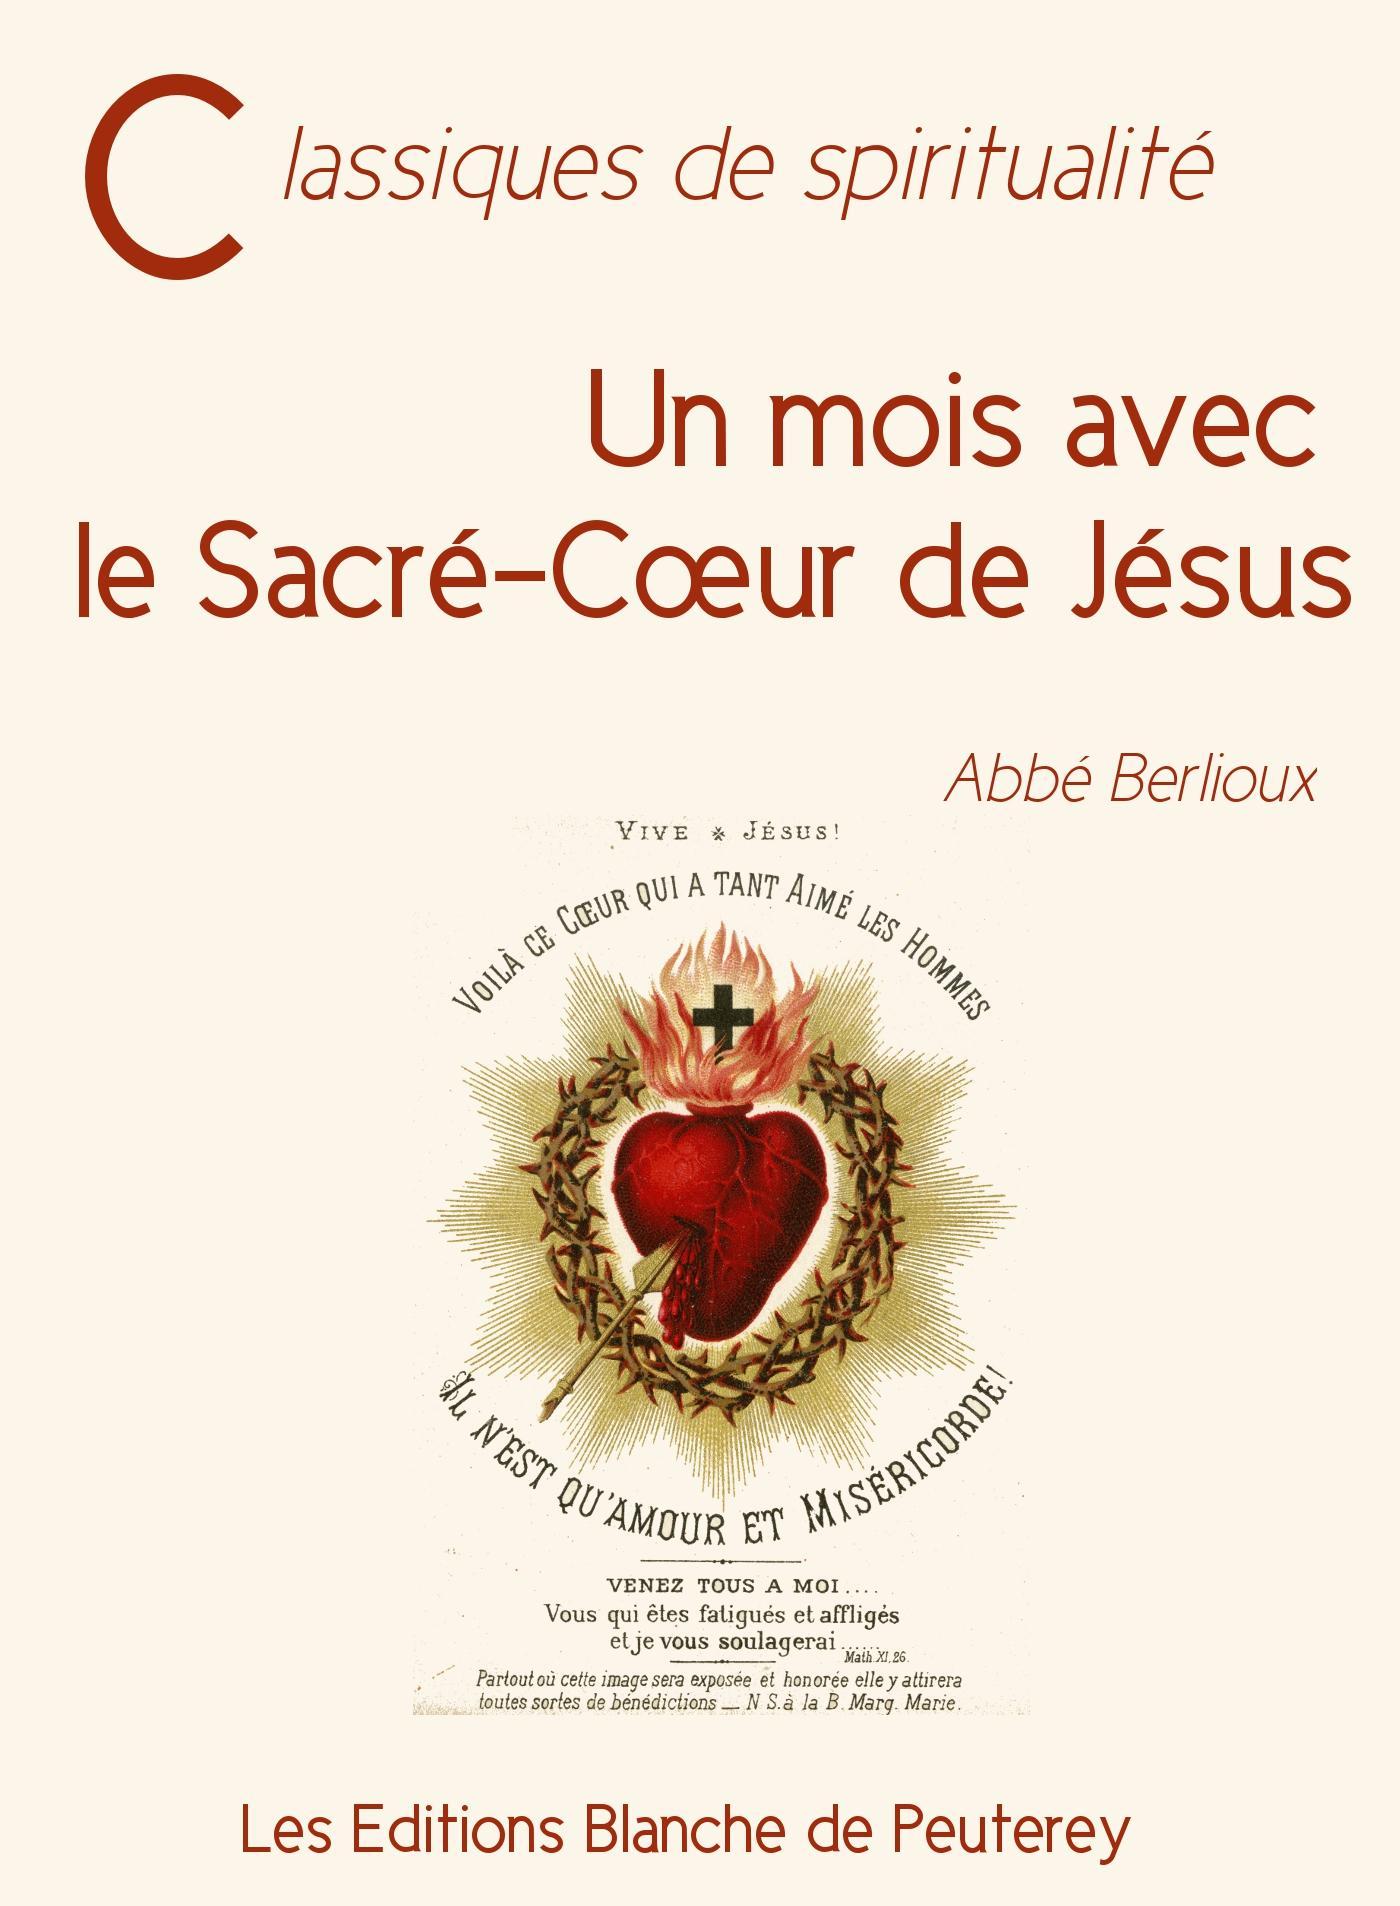 Un mois avec le Sacré-Coeur de Jésus